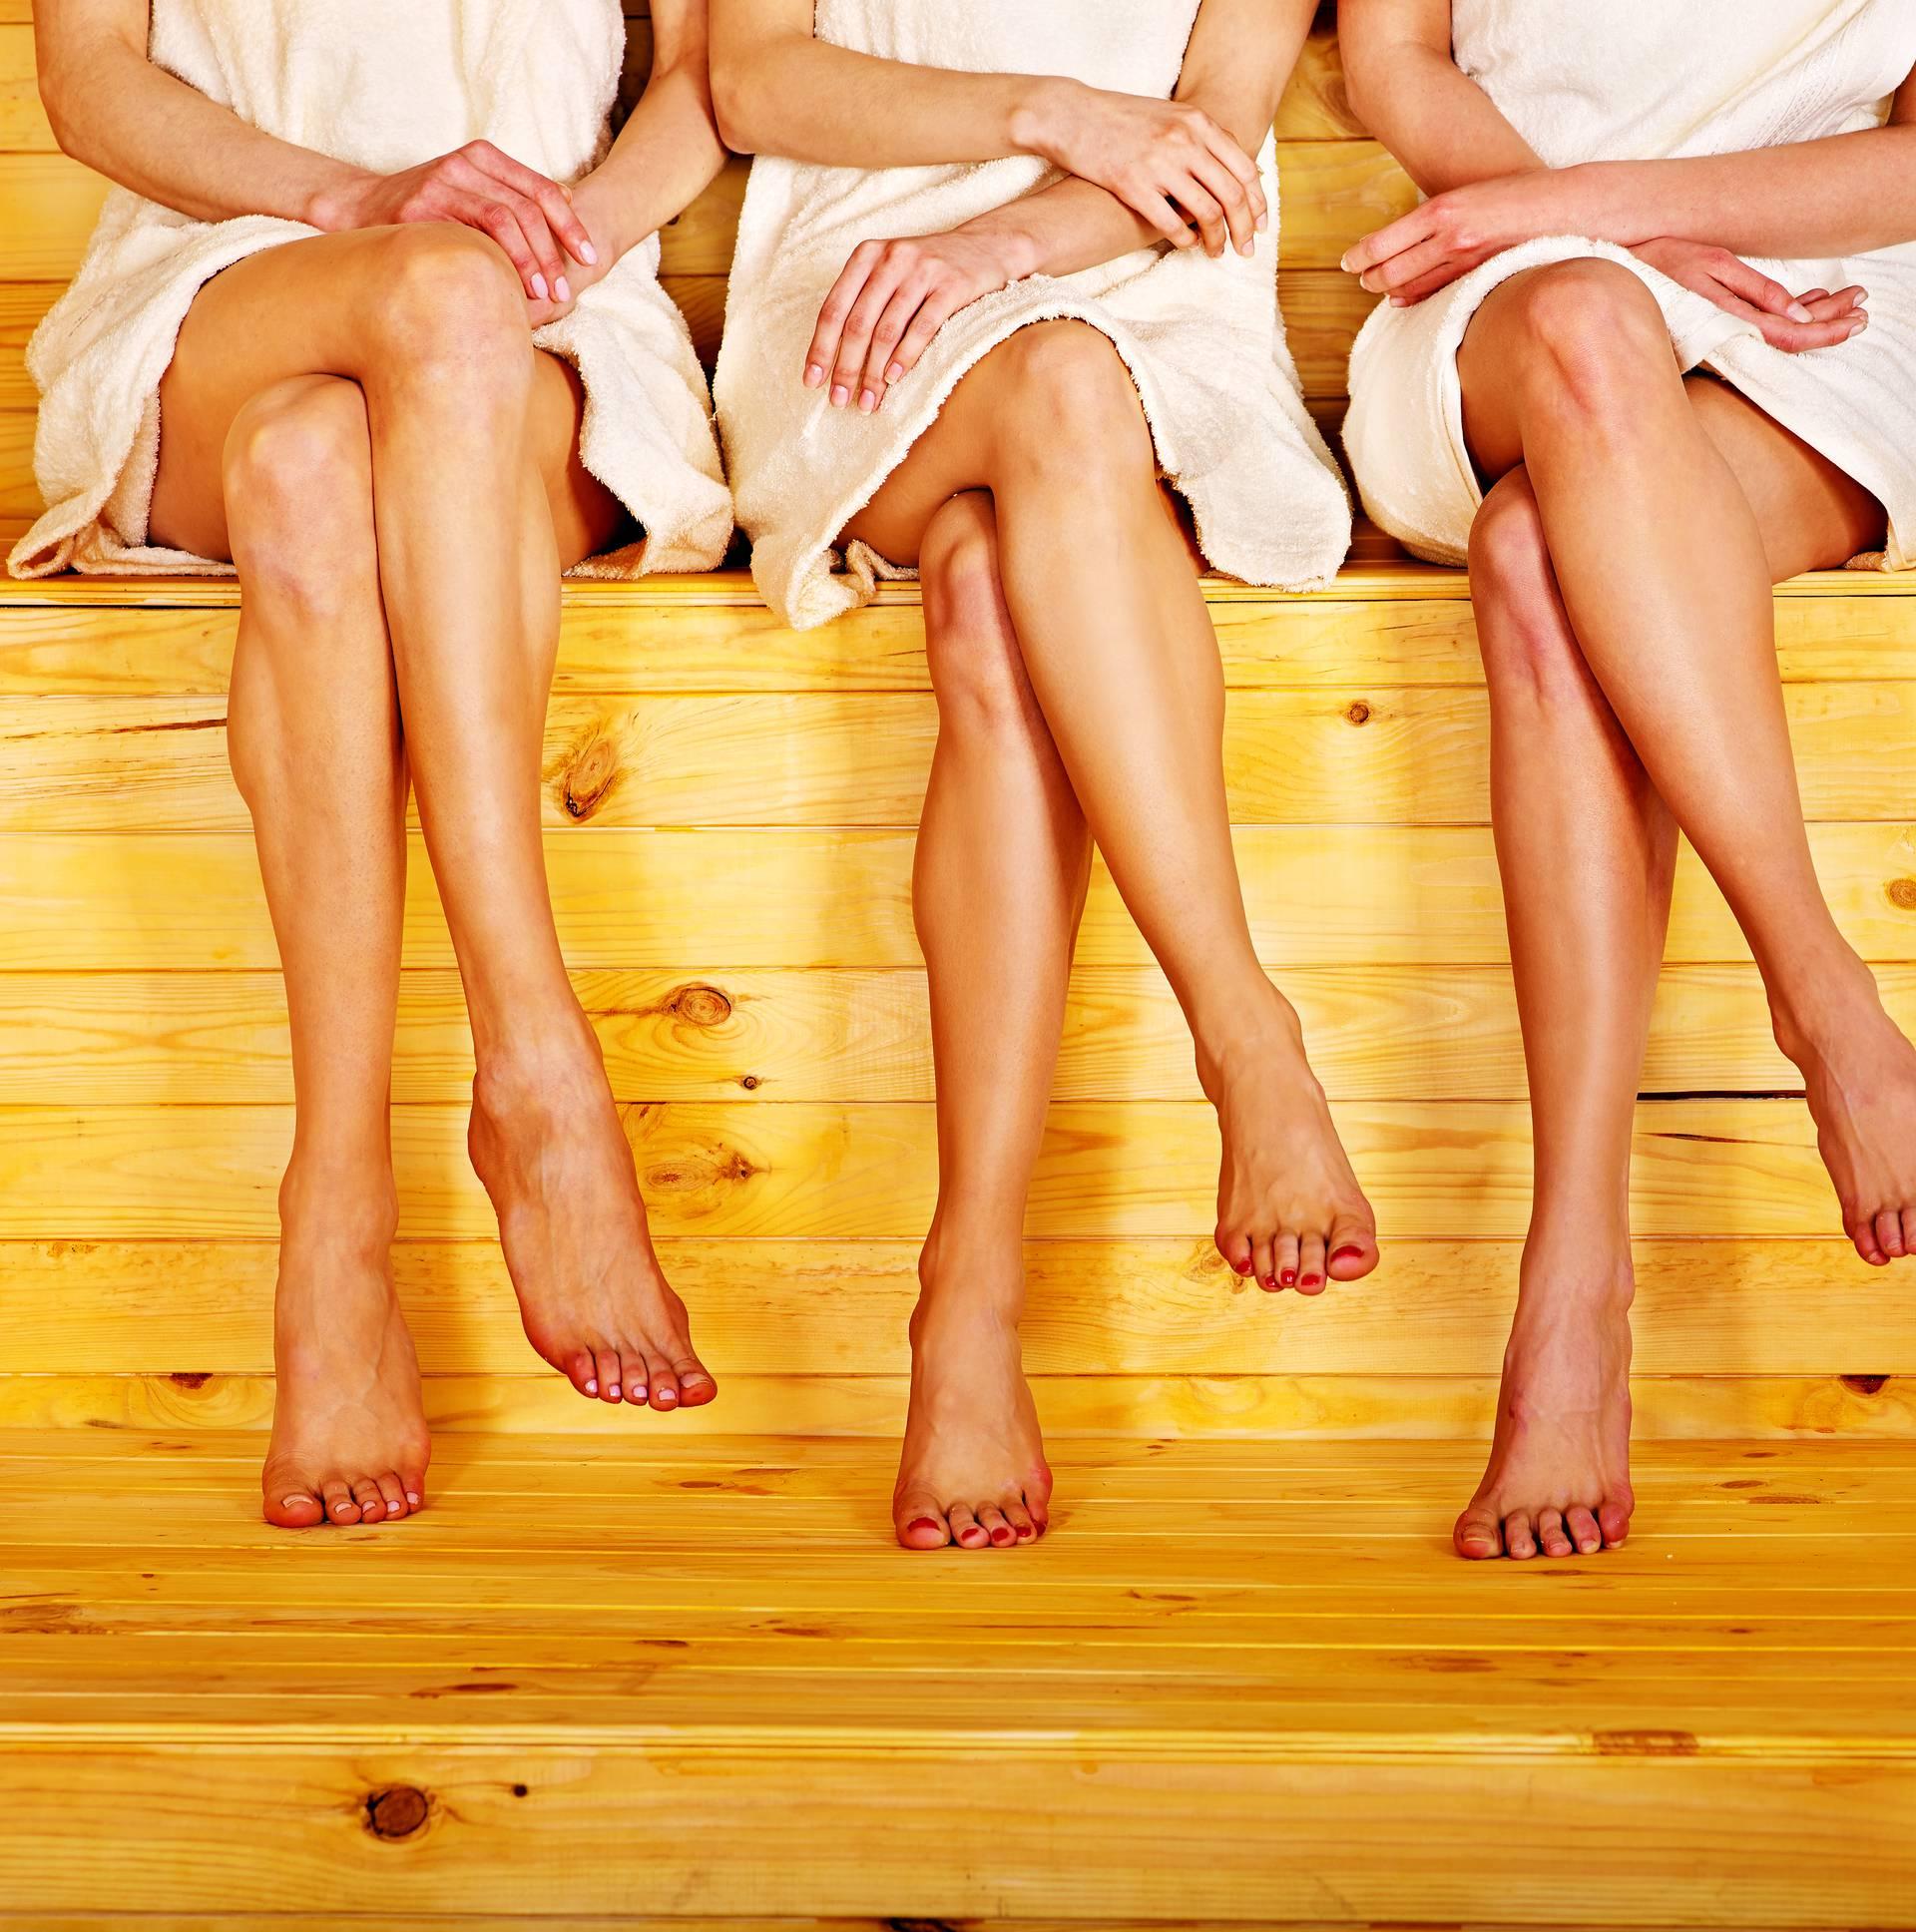 Vodič kroz saune: Rimska je priprema, u finsku po osjećaju